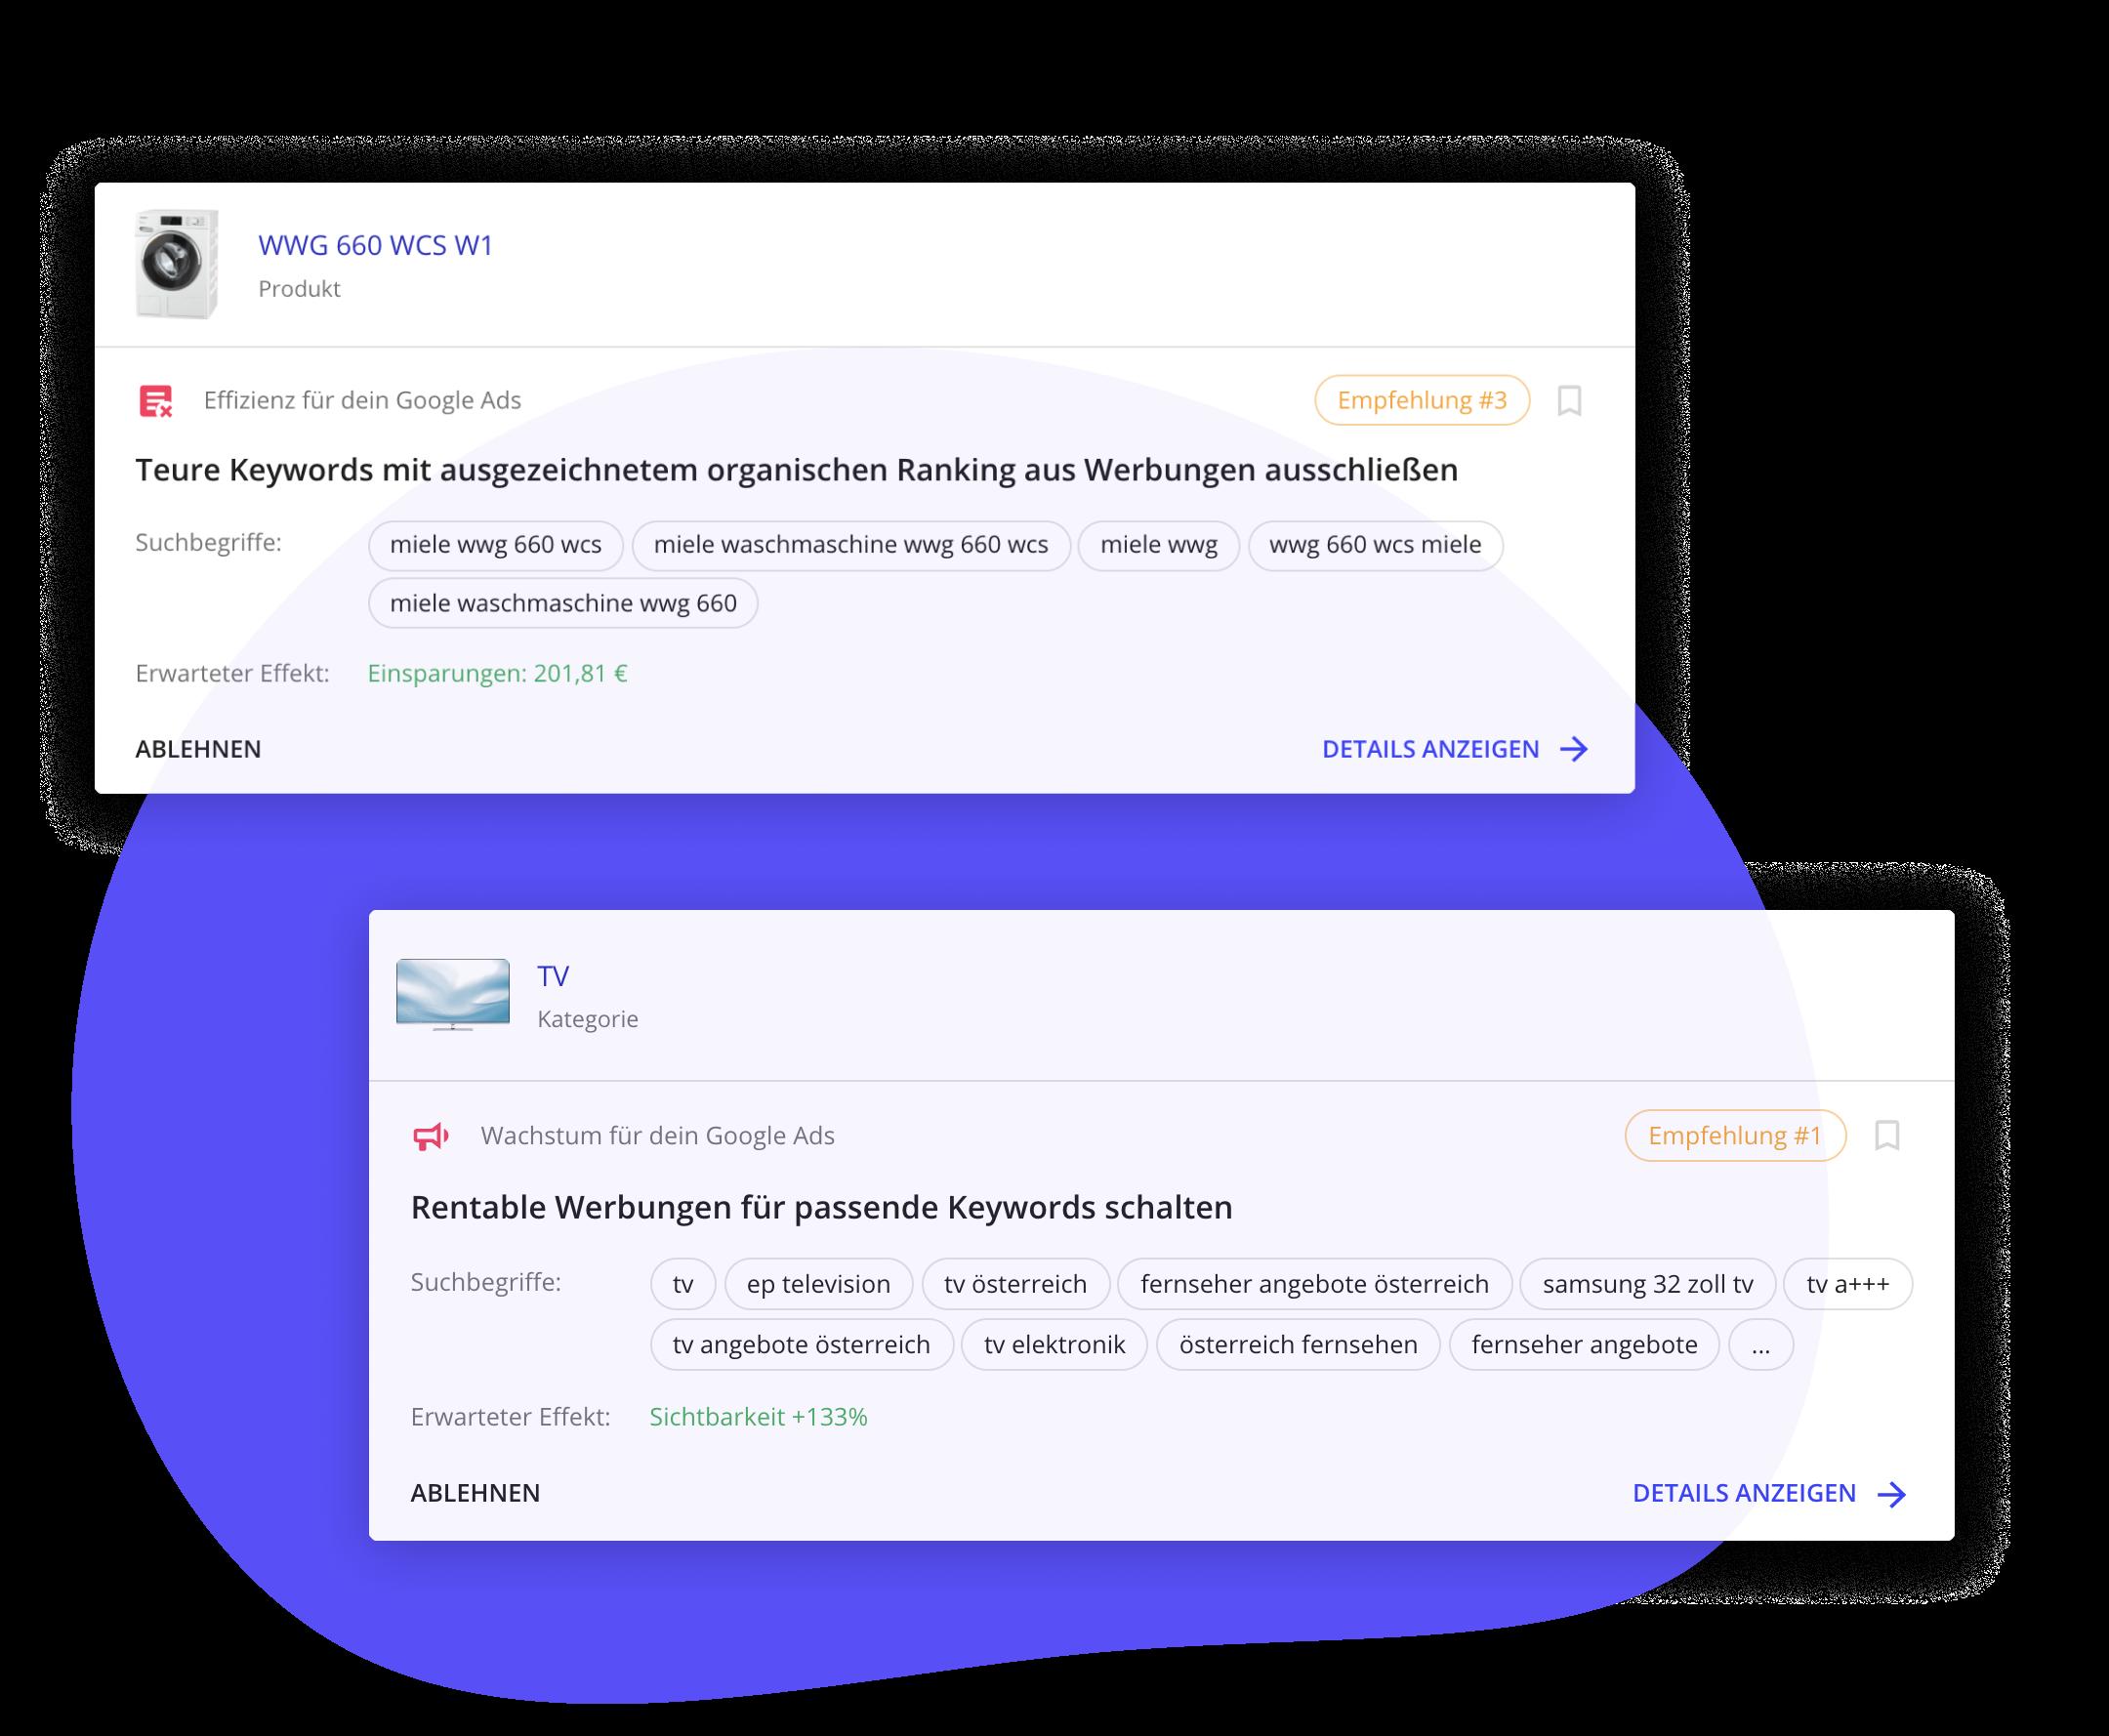 """Ein Screenshot aus der boomerank App, der Empfehlungen für Werbung-Schalten und """"SEA-Effizienz"""" zeigt."""